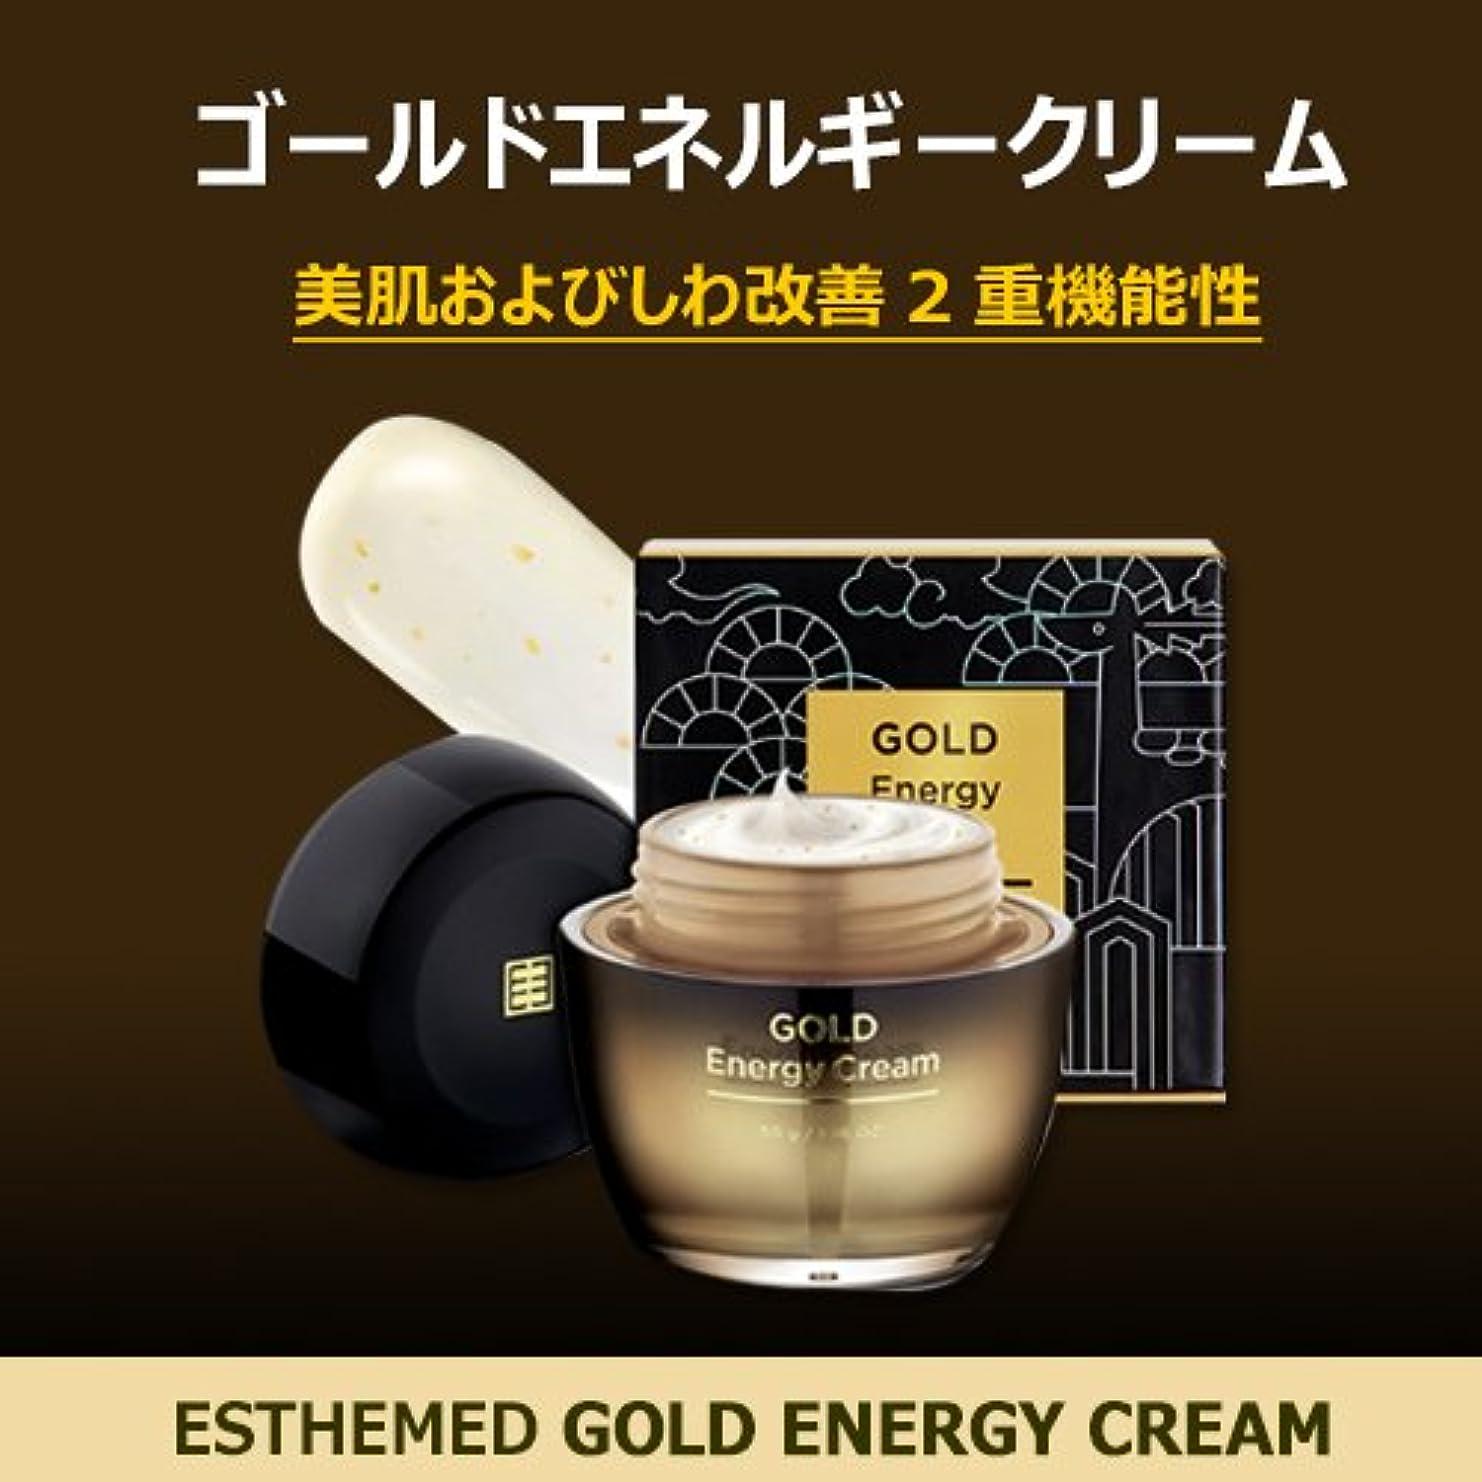 中断縁石ESTHEMED 【NEW!! エステメドゴールドエネルギークリーム】ESTHEMED GOLD Energy Cream 50g